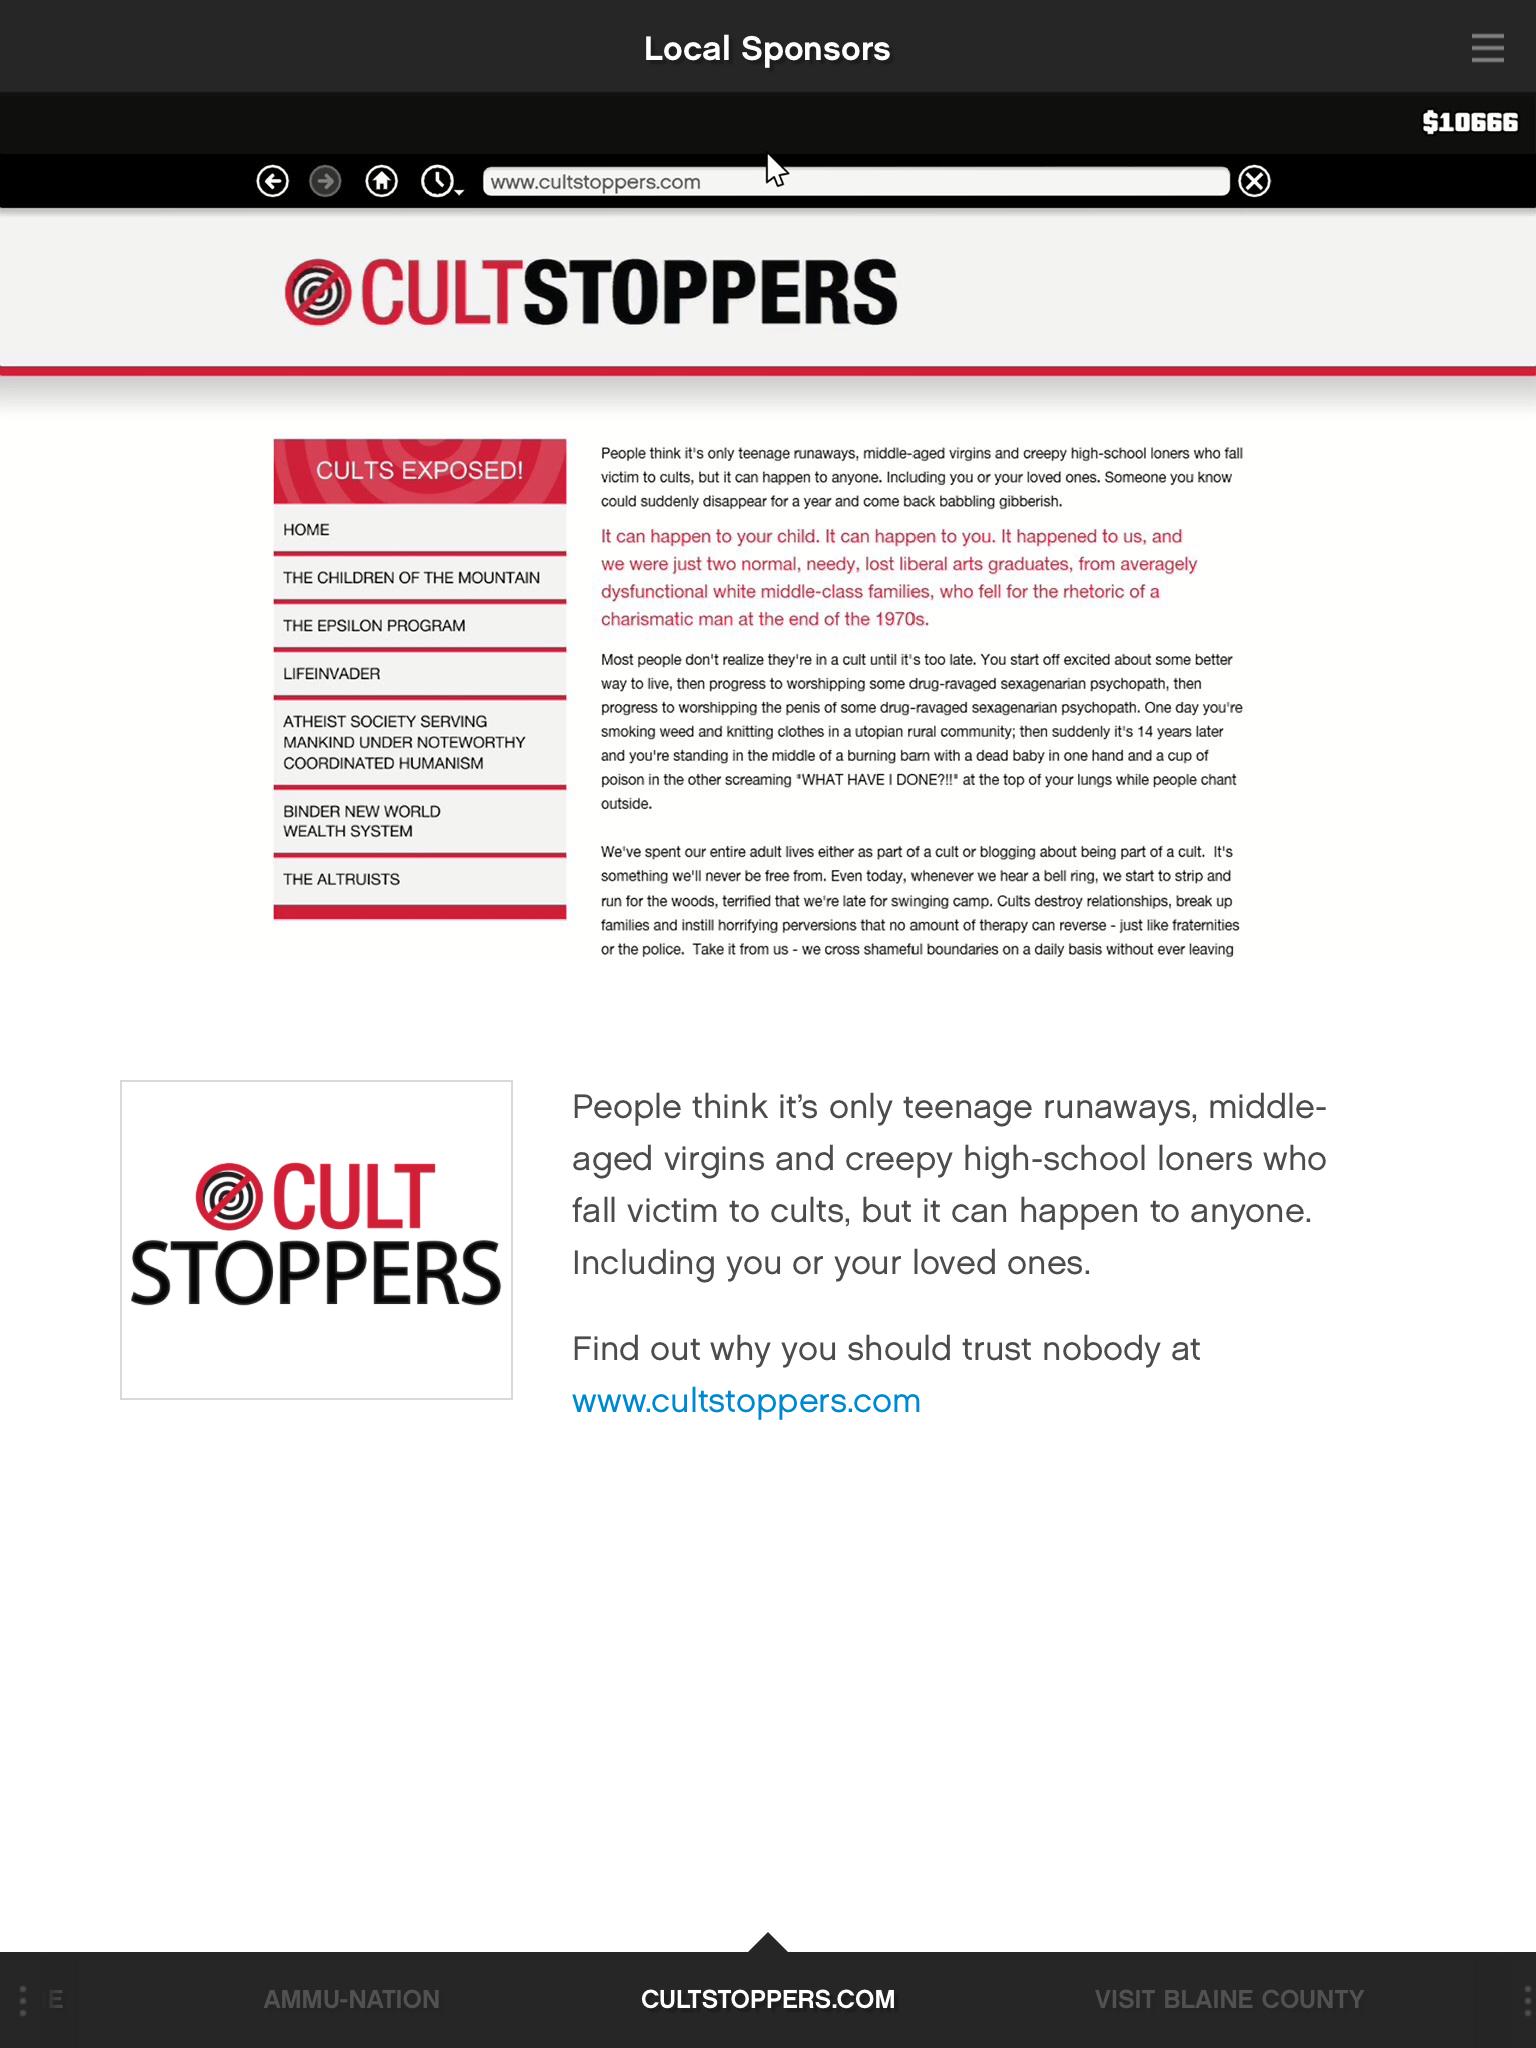 Cultstoppers.com